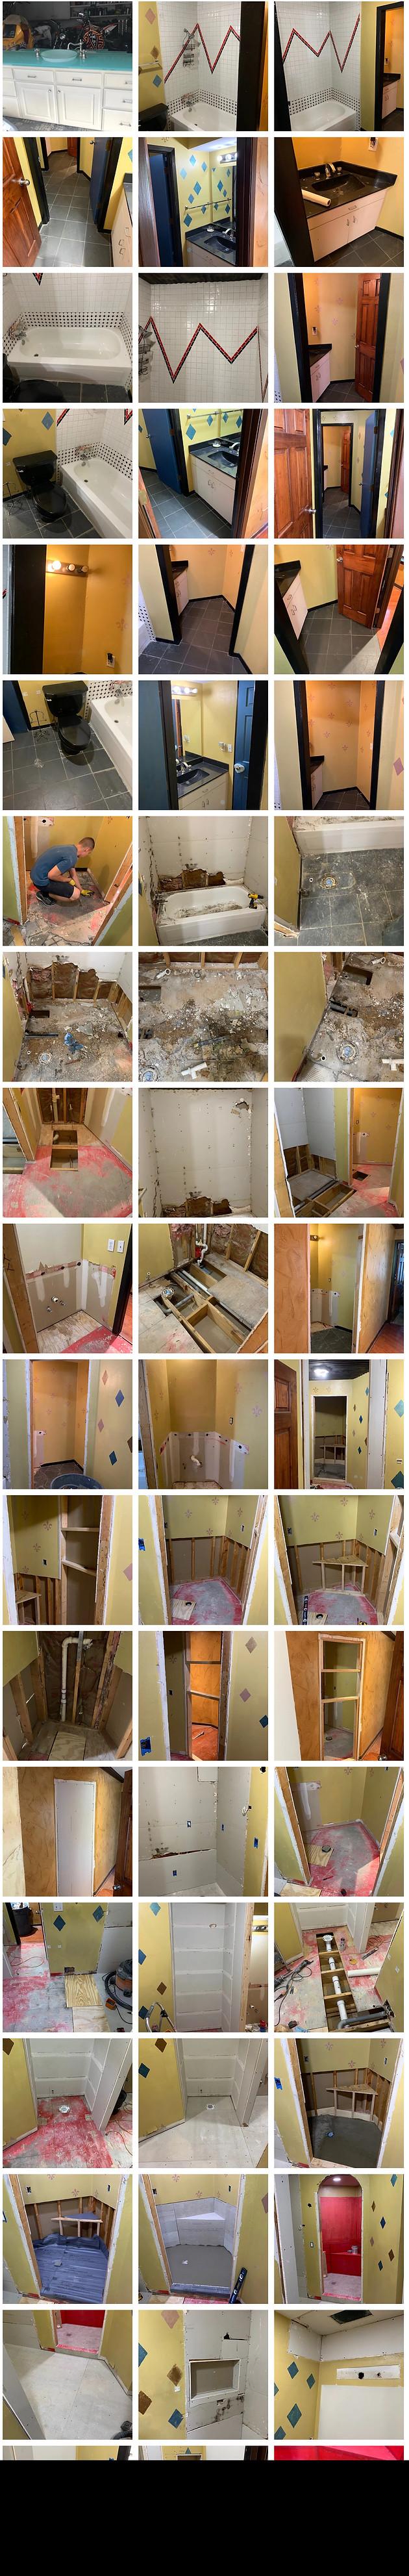 the-redoux-art-deco-revival-bathroom-ren